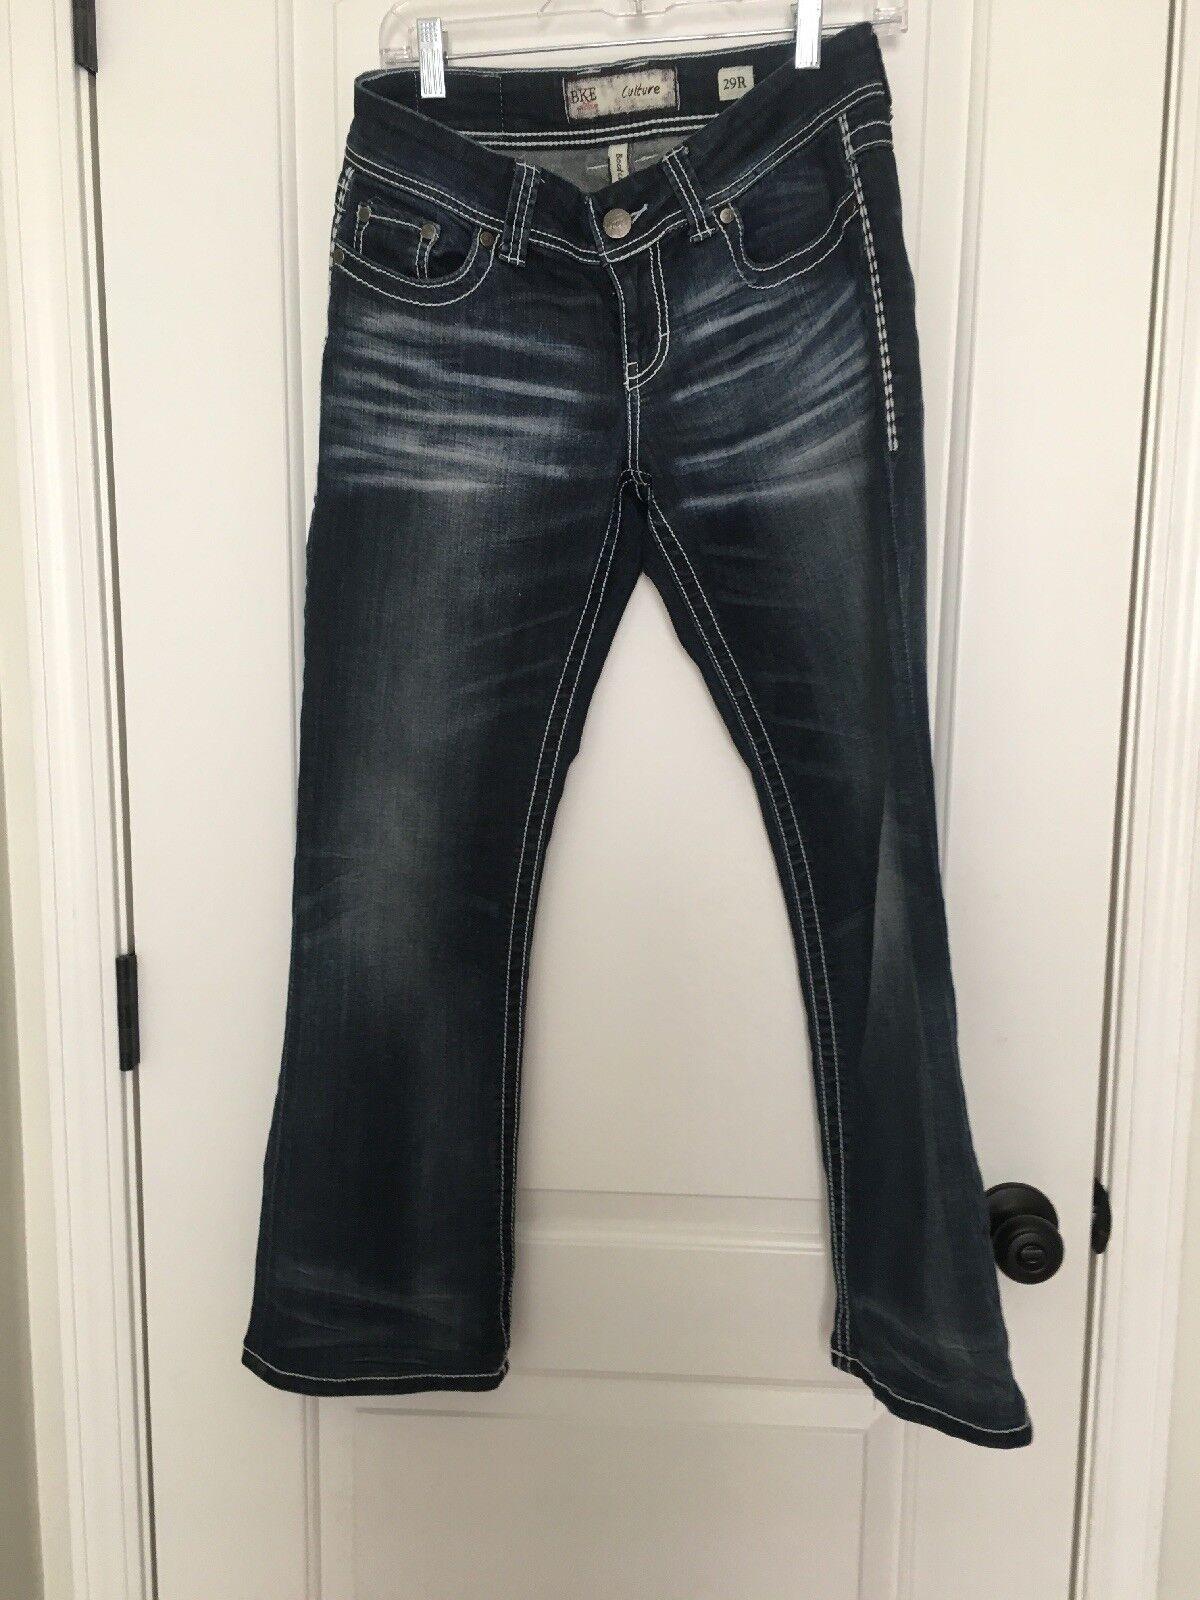 BKE bluee Denim Culture BootCut Women's Jeans Sz 29 X 31 1 2 Pants Clothes